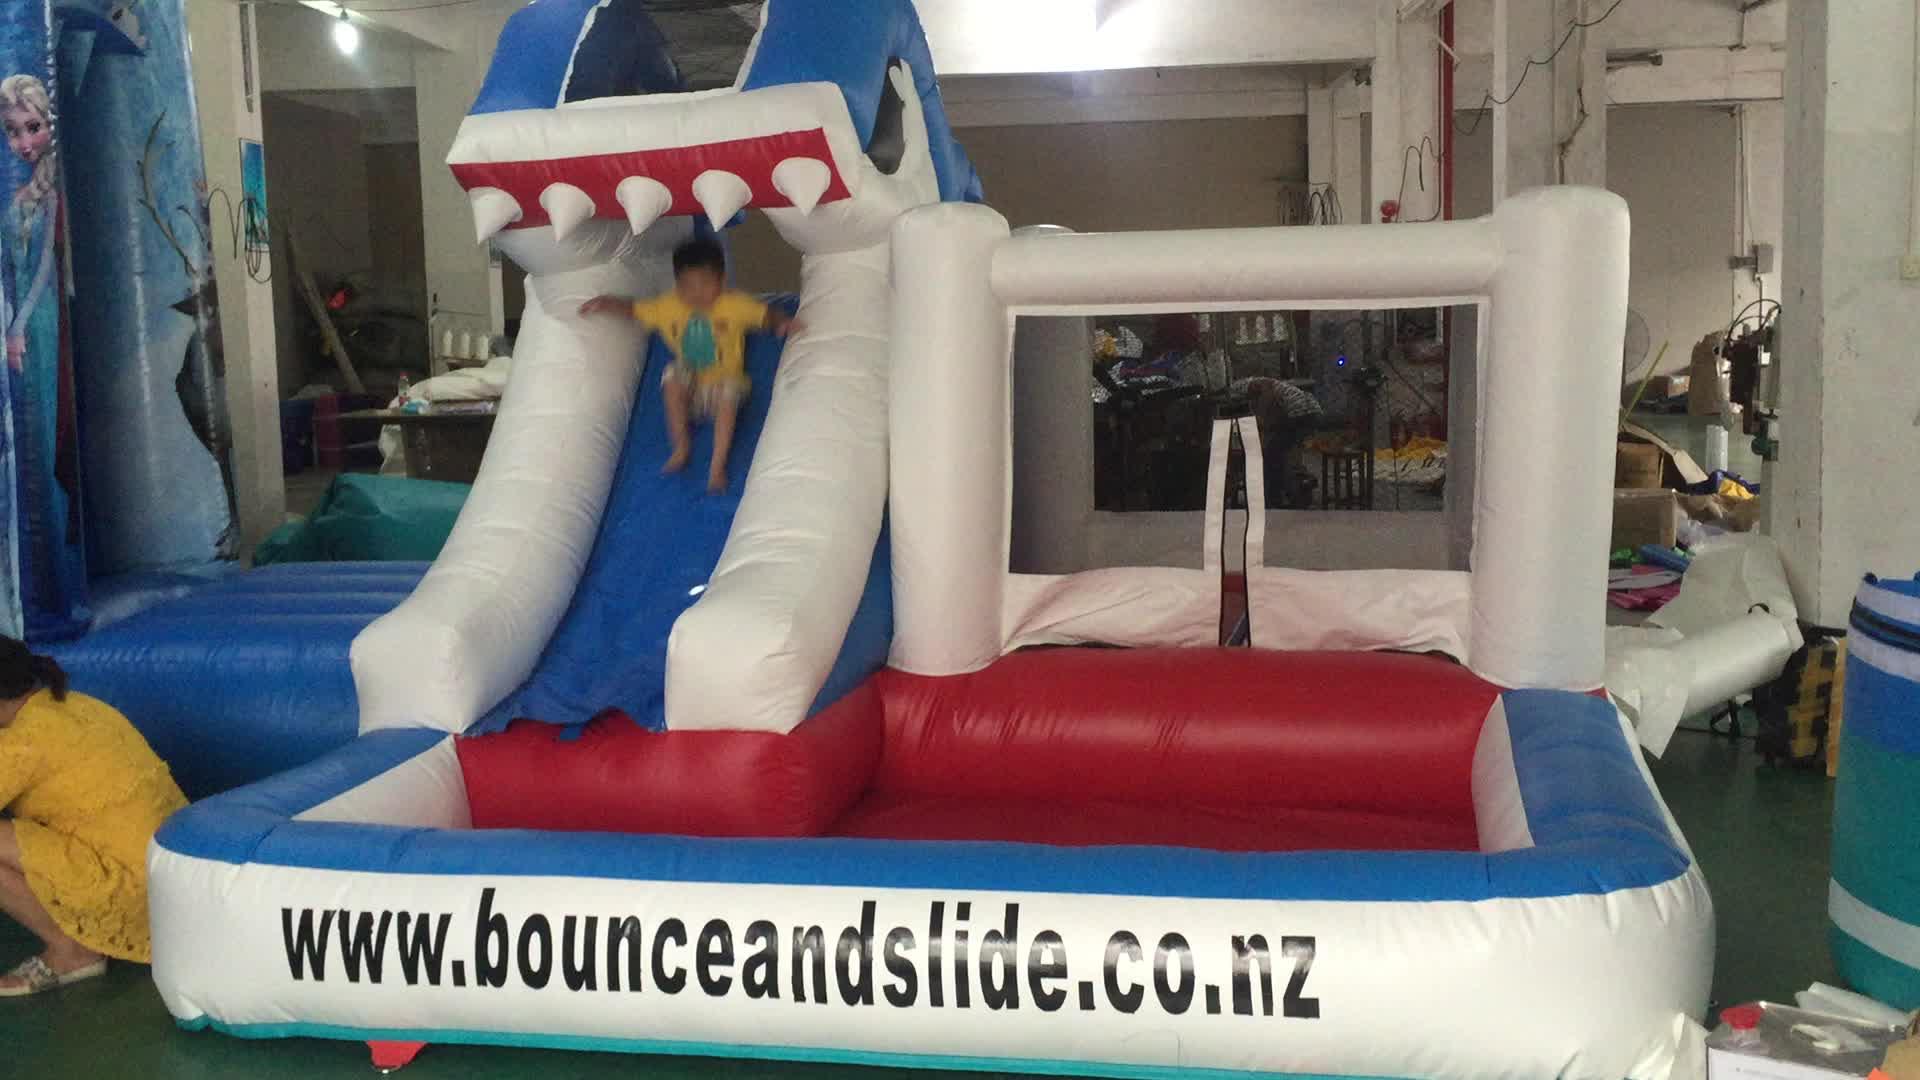 Popularfactory preço blue shark slide bouncer inflável para as crianças/piscina de água inflável slides castelo preço